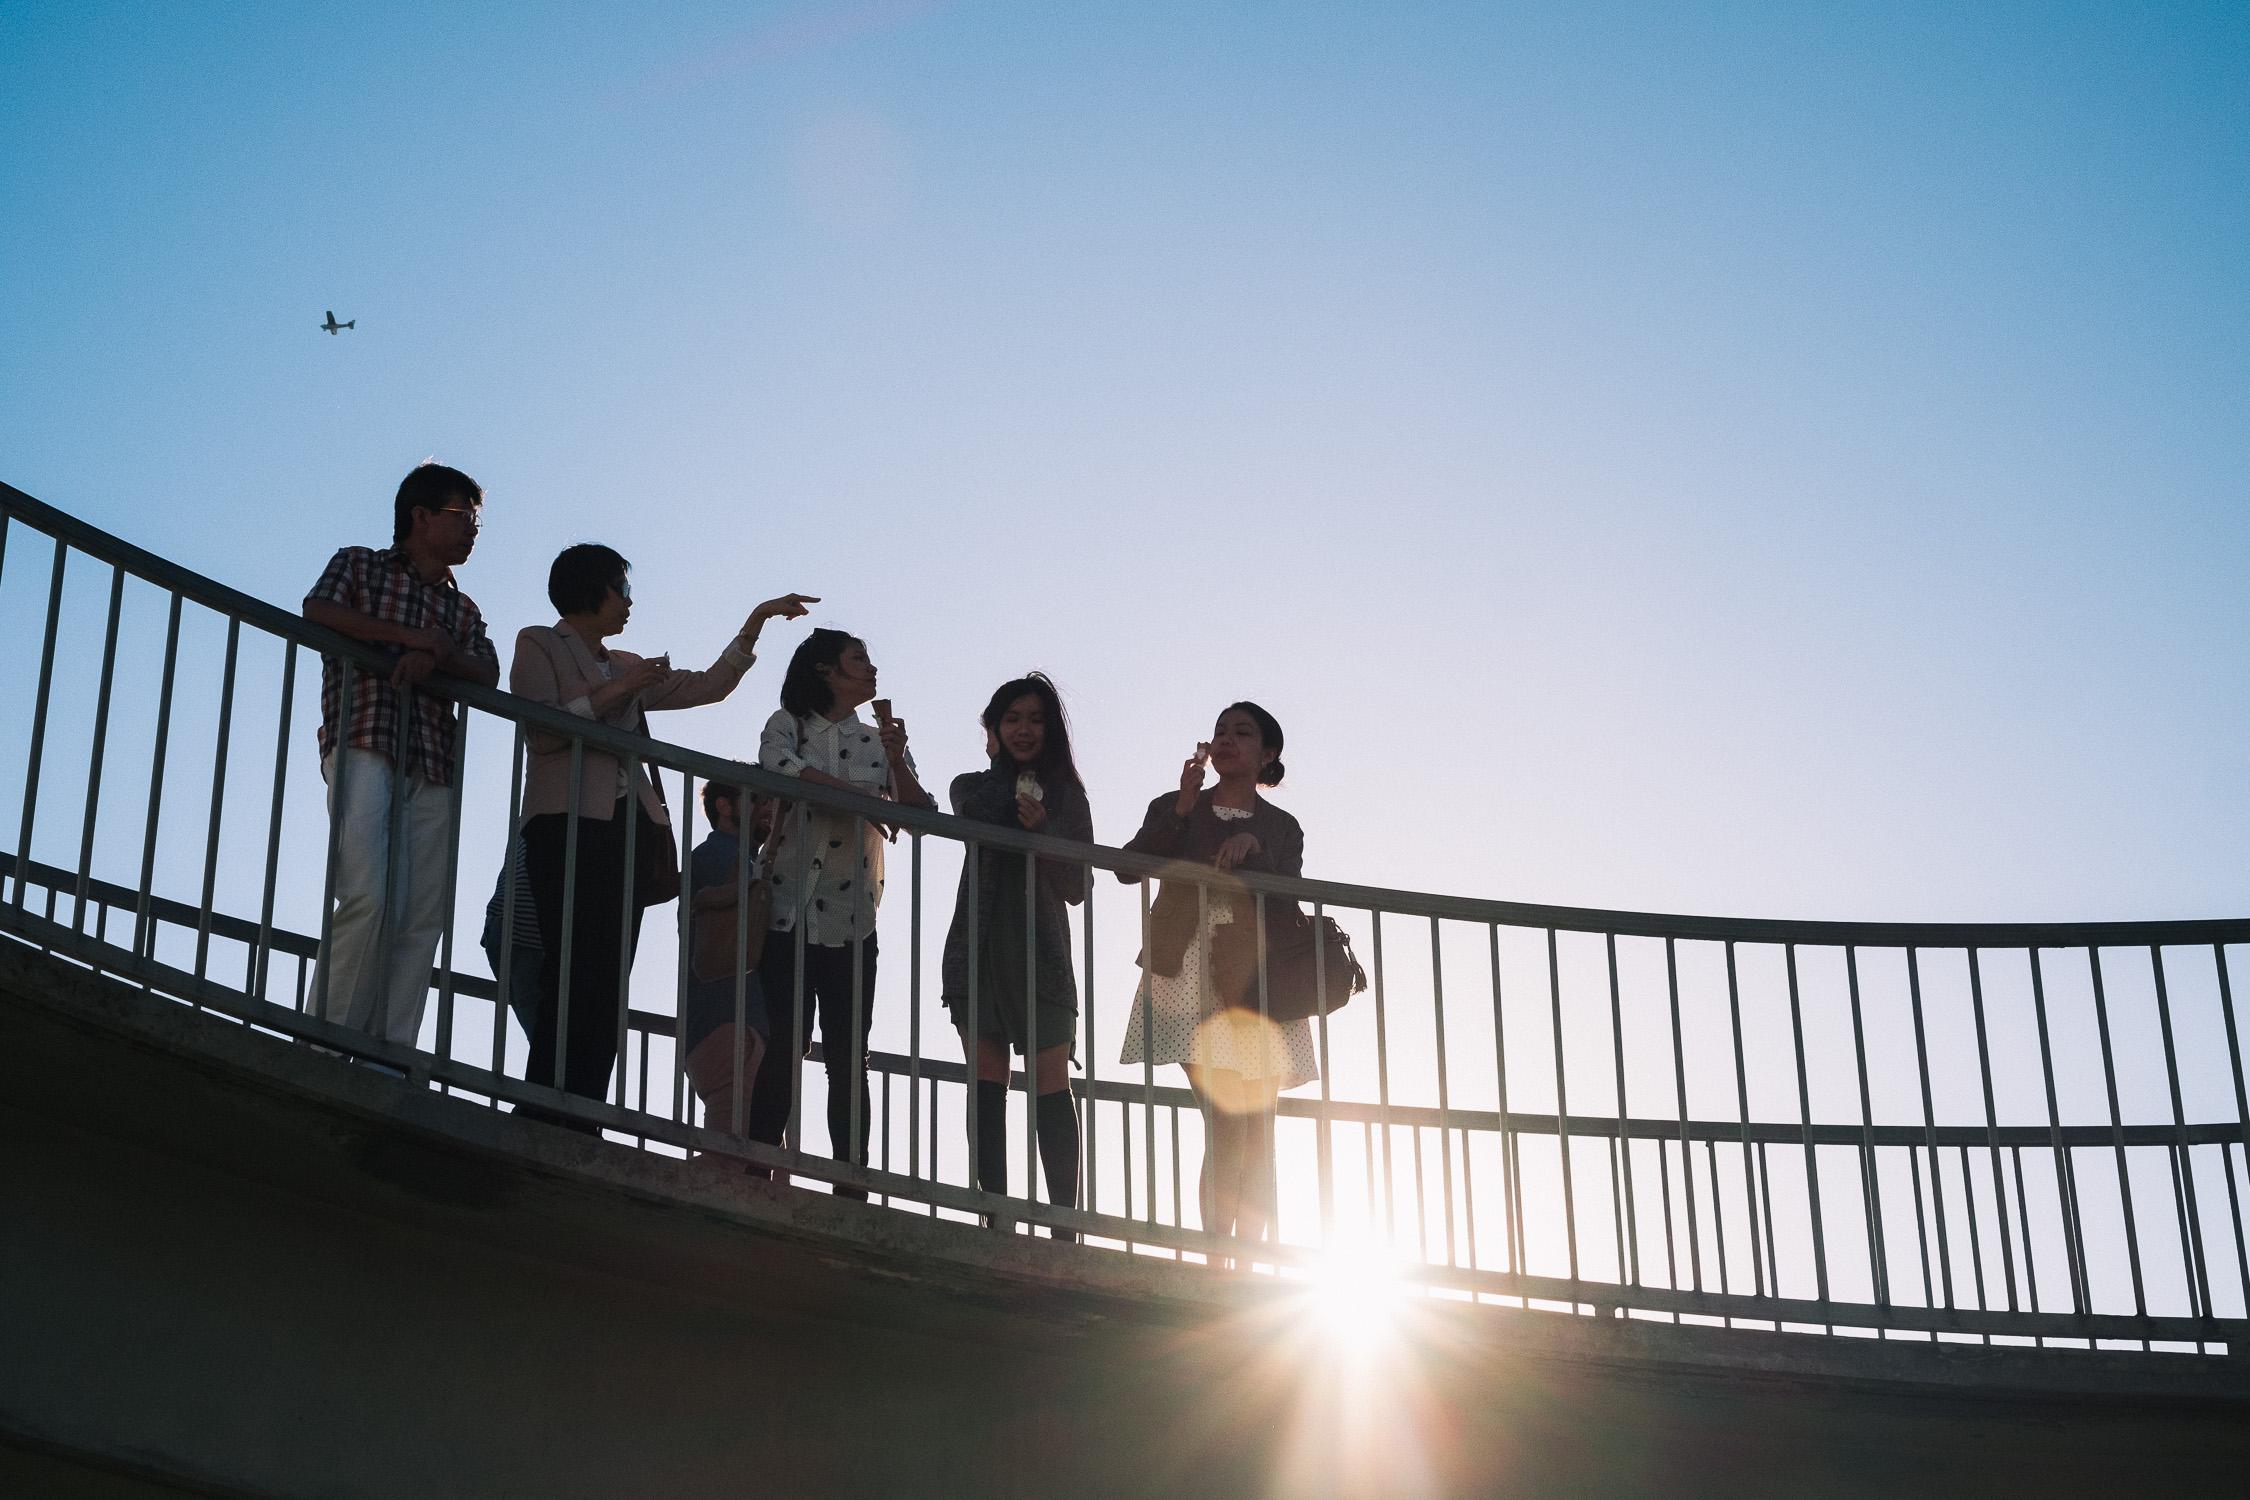 Carina Sze Lau - Life Session - family silhouette on bridge in St Kilda Melbourne